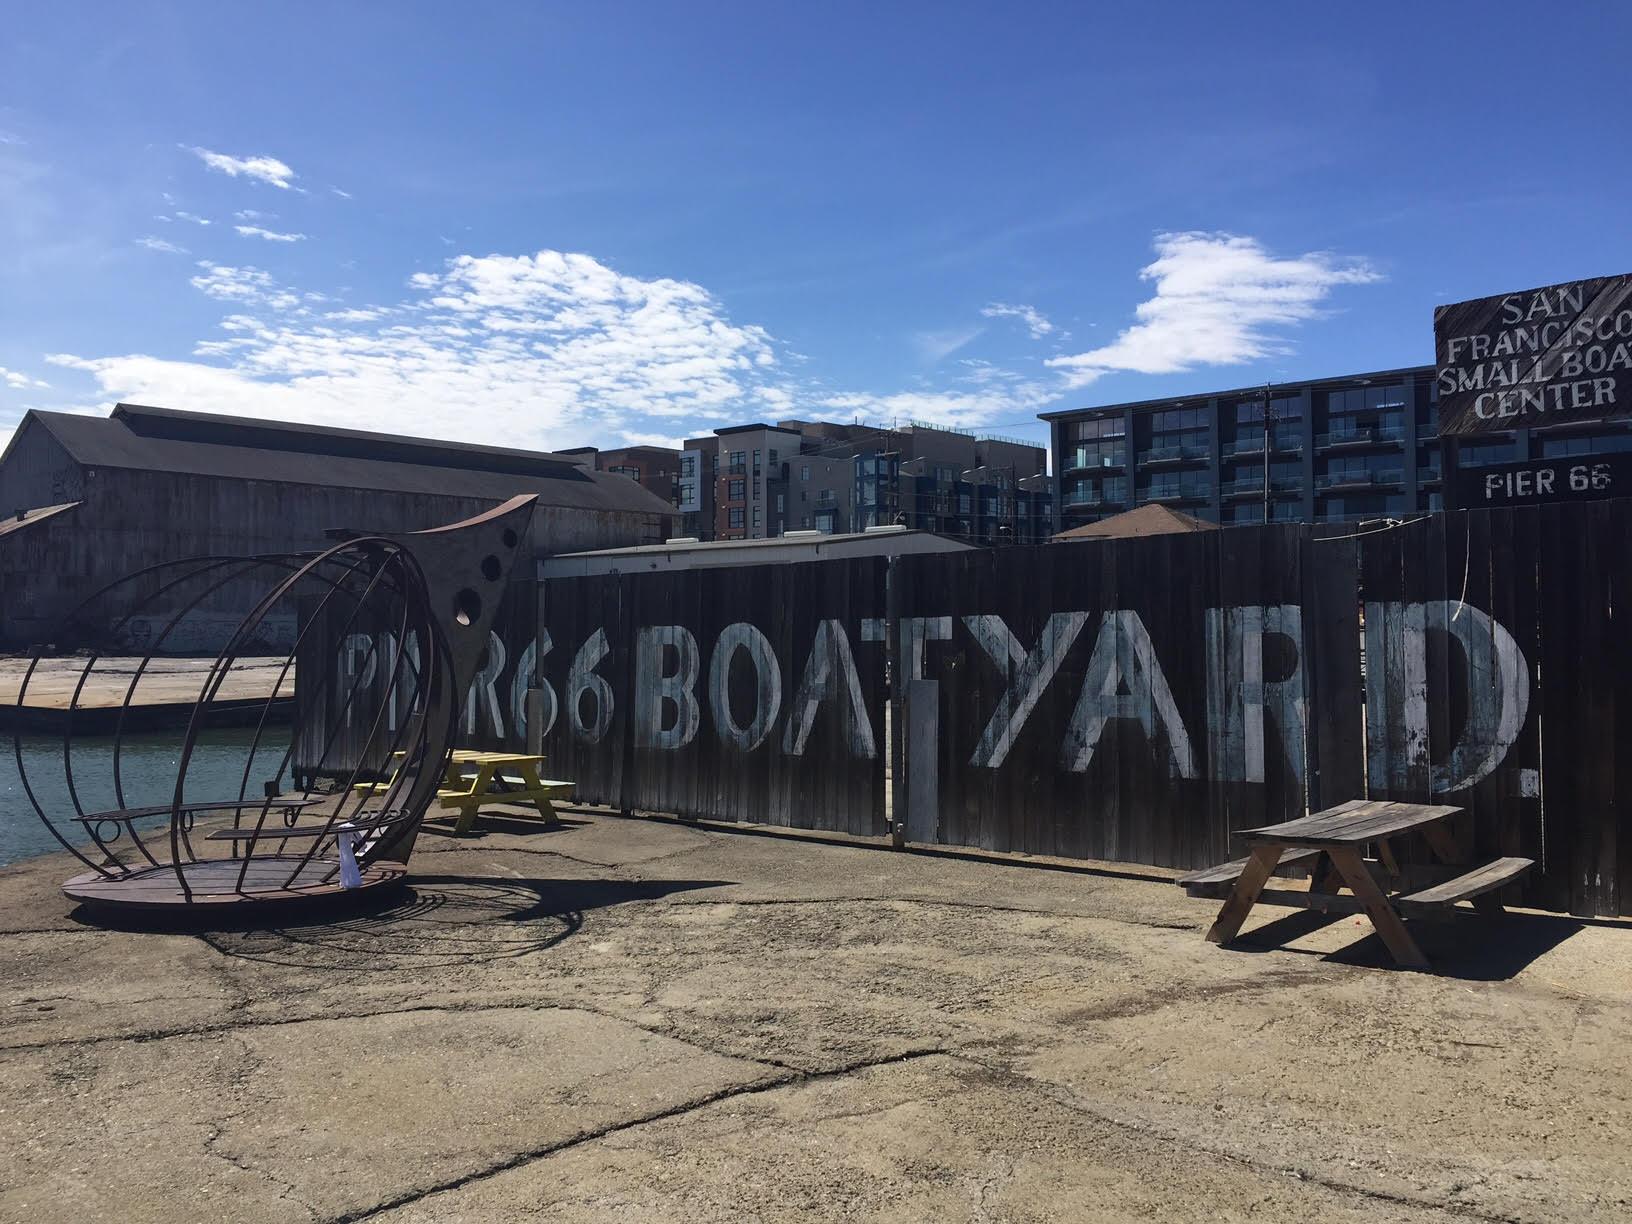 sketchy boatyard.jpg